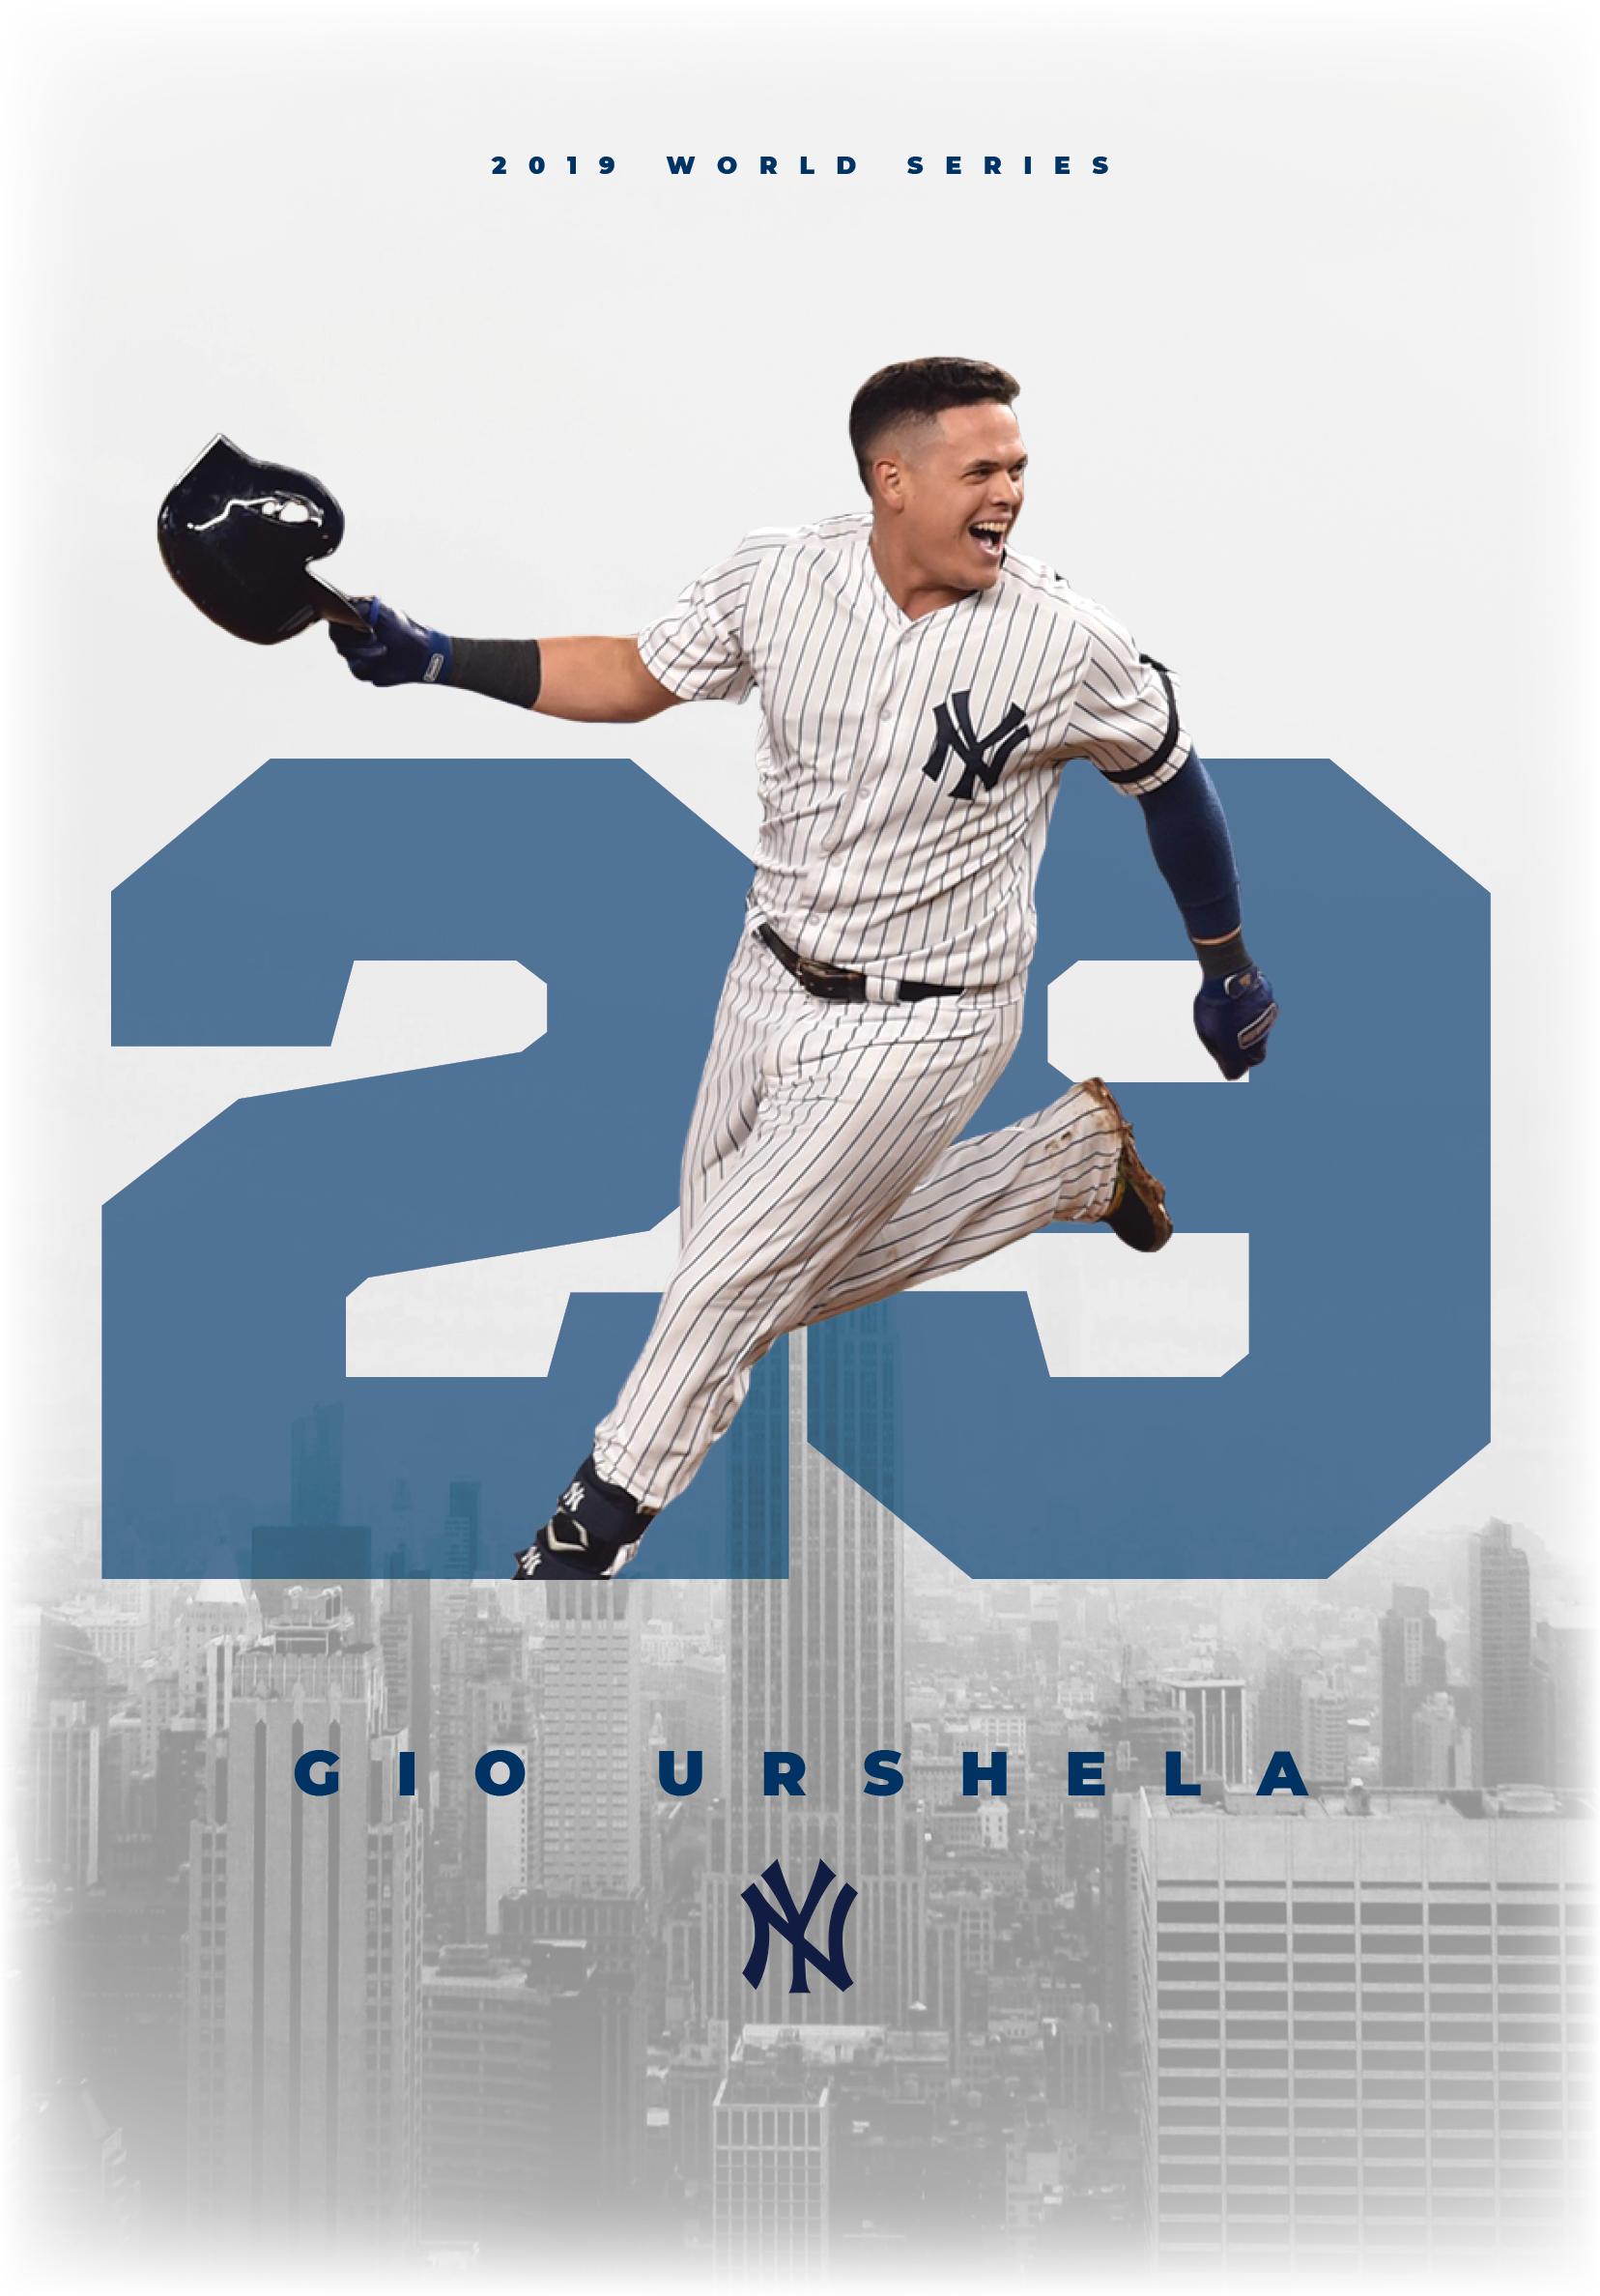 Gio Urshela And The New York Yankees Seek World Series Title New York Yankees Logo New York Yankees New York Yankees Stadium